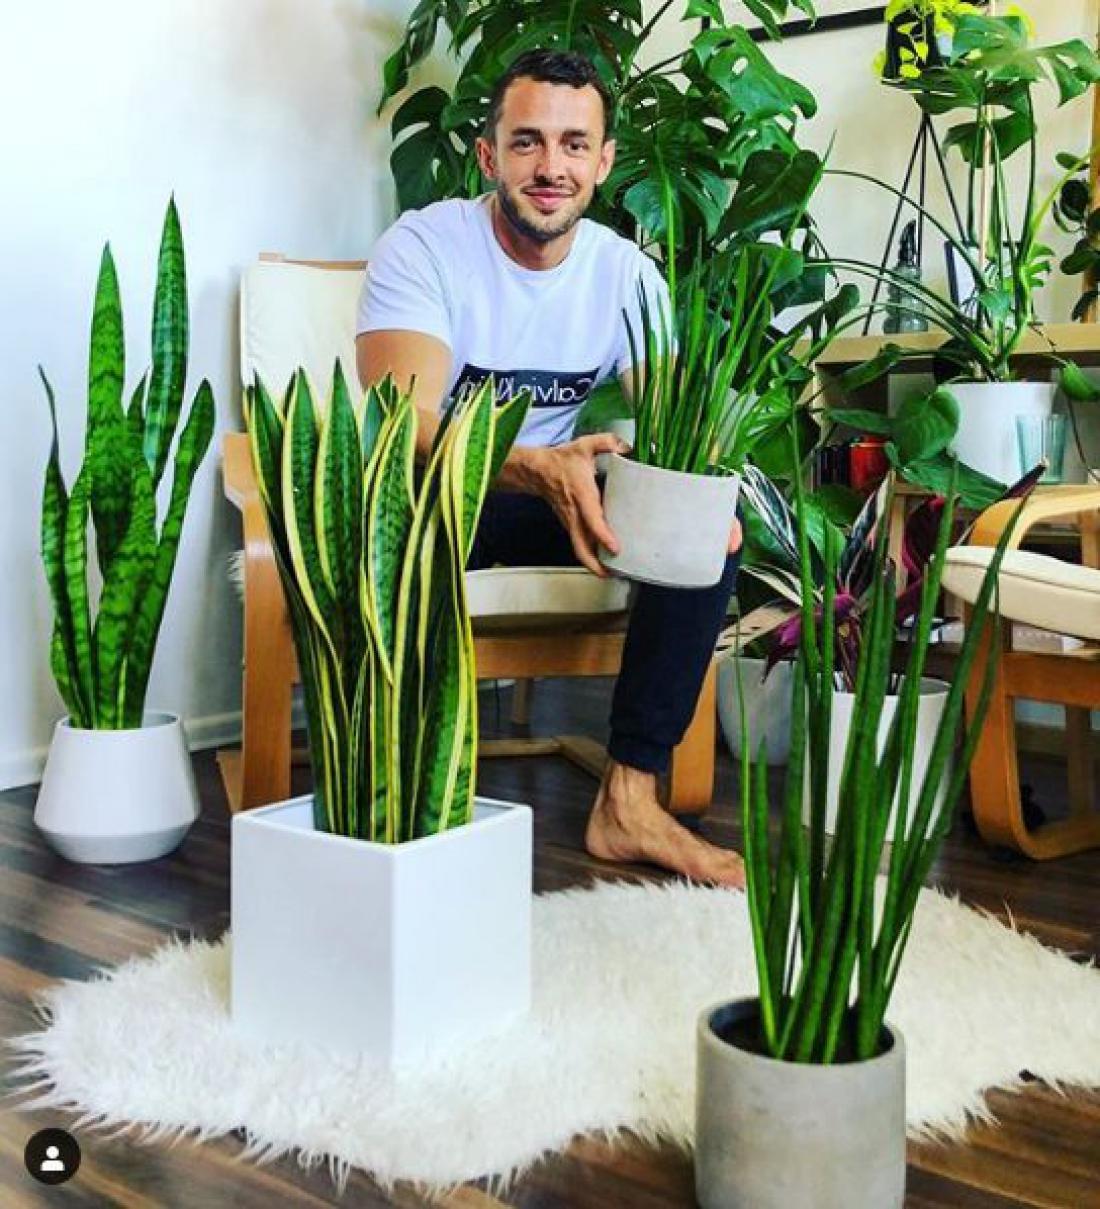 Tudi lonci so pomemben del vsake sobne rastline. Jan ima najraje klasične lonce, izbere pa belo, črno in odtenke zlate. (Foto: botanistbyheart/Instagram)